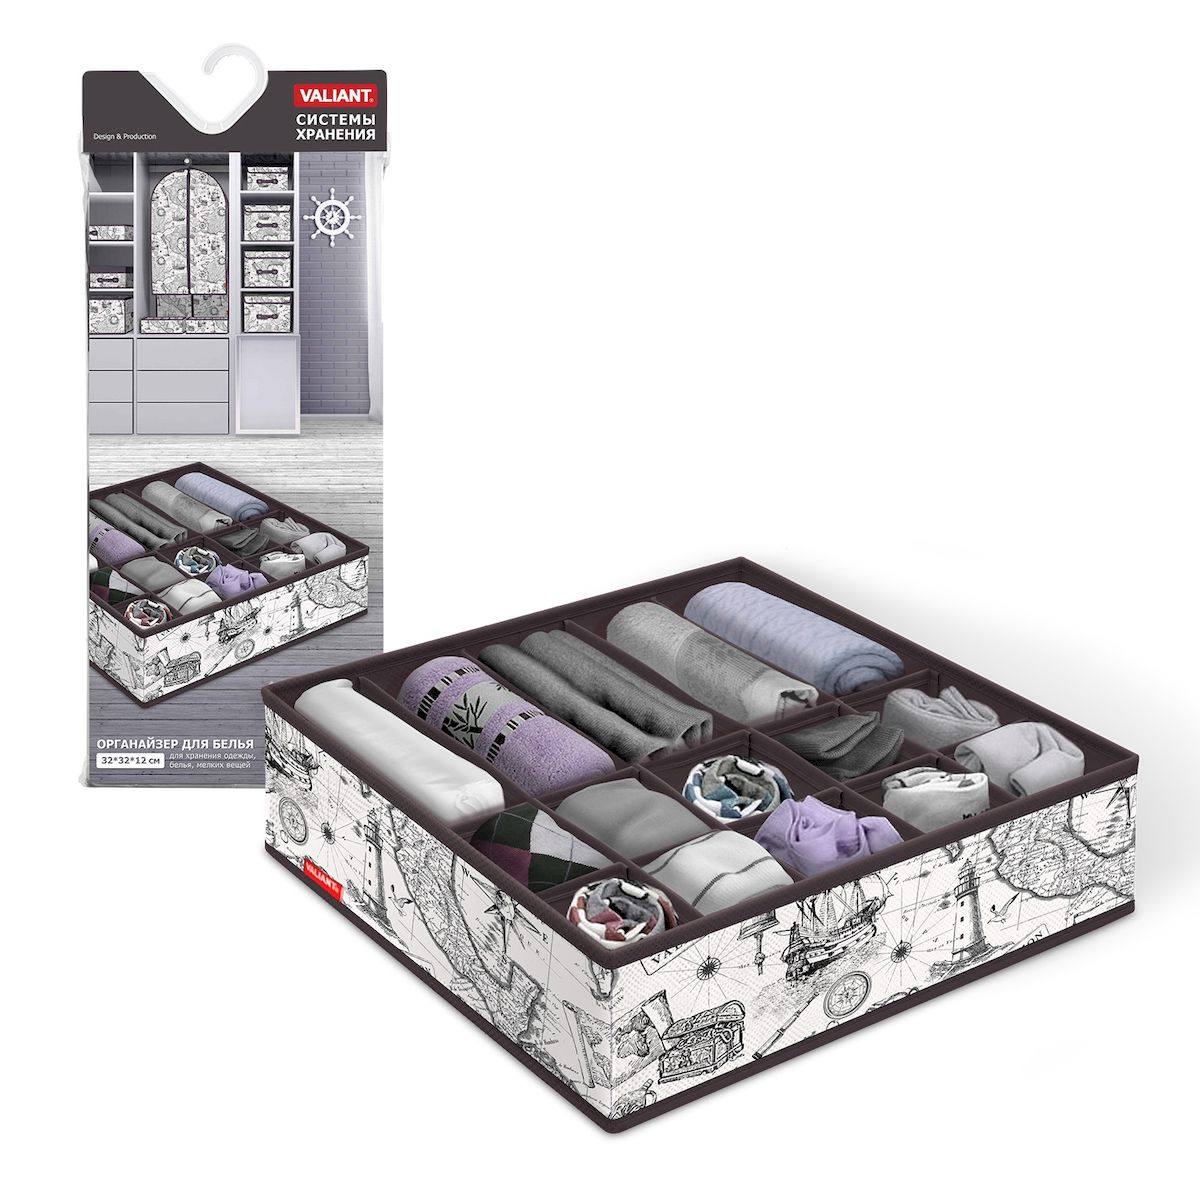 Органайзер для белья Valiant Expedition, 15 секций, 32 х 32 х 12 смEX-S15Органайзер Valiant Expedition поможет упорядочить размещение белья. Изделие выполнено из высококачественного нетканого материала, который обеспечивает естественную вентиляцию, позволяя воздуху проникать внутрь, но не пропускает пыль. Вставки из плотного картона хорошо держат форму. Изделие содержит 15 секций, предназначенных для хранения трусов, носков и другого мелкого белья. Органайзер легко раскладывается и складывается.Система хранения Valiant Expedition создаст трогательную атмосферу романтического настроения. Оригинальный дизайн придется по вкусу ценительницам эстетичного хранения.